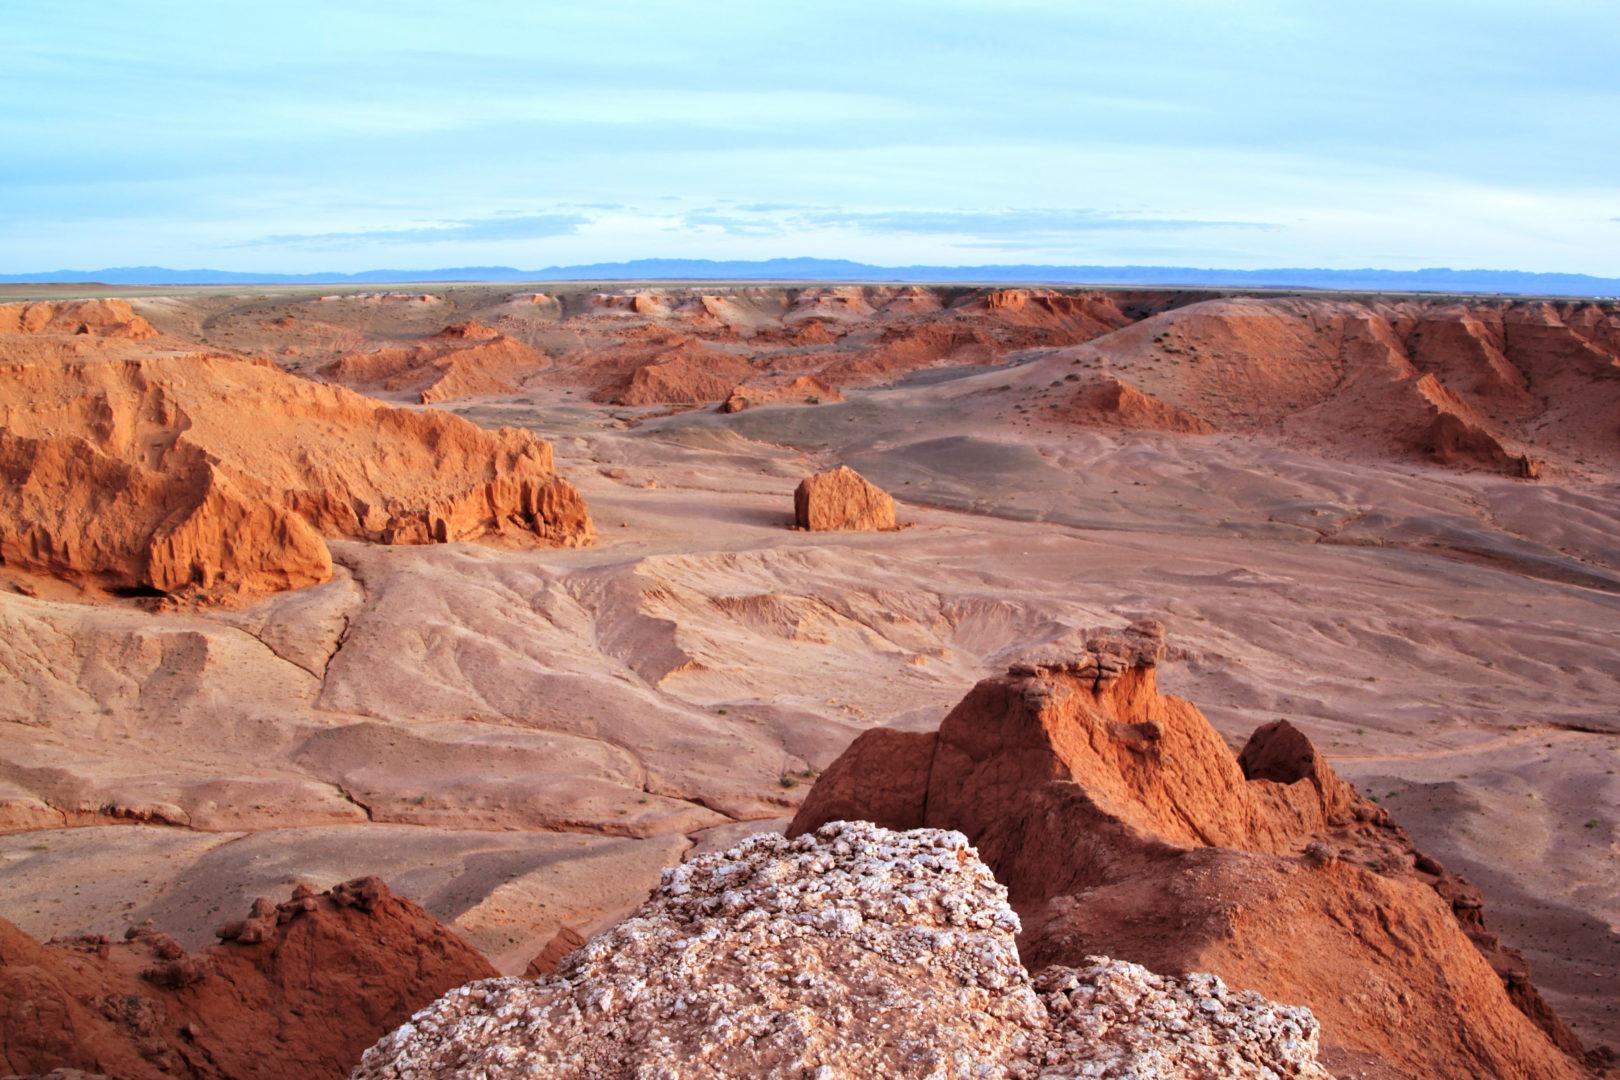 Mongolei-Reise: Wüste Gobi